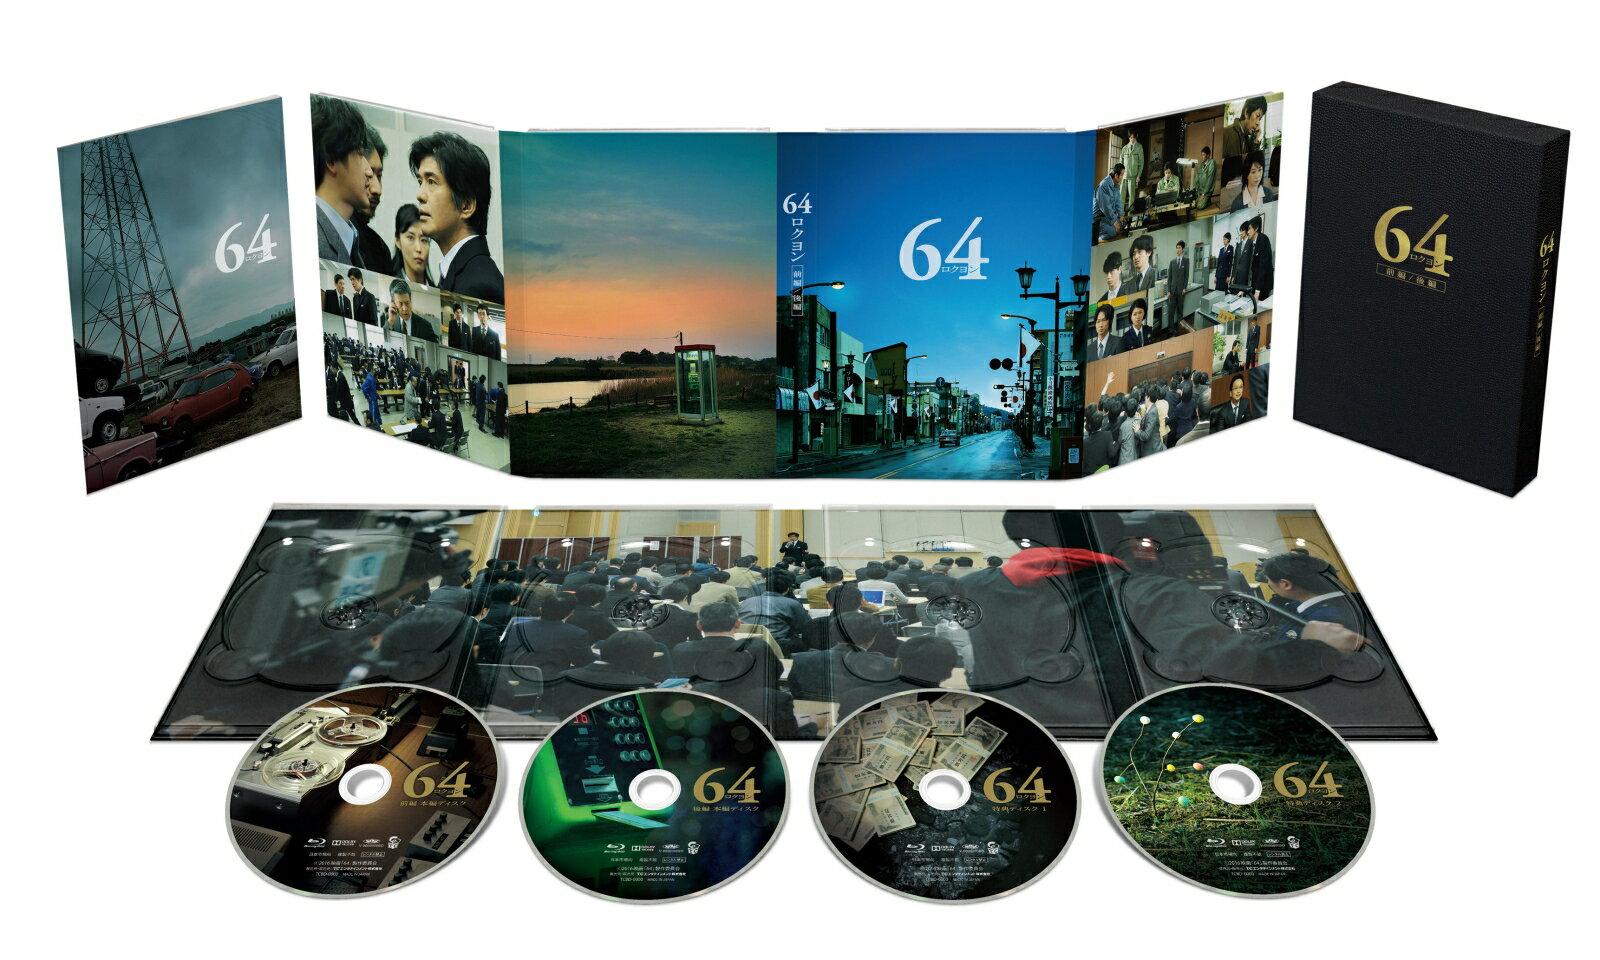 64-ロクヨンー前編/後編 豪華版Blu-rayセット【Blu-ray】 [ 佐藤浩市 ]...:book:18153326